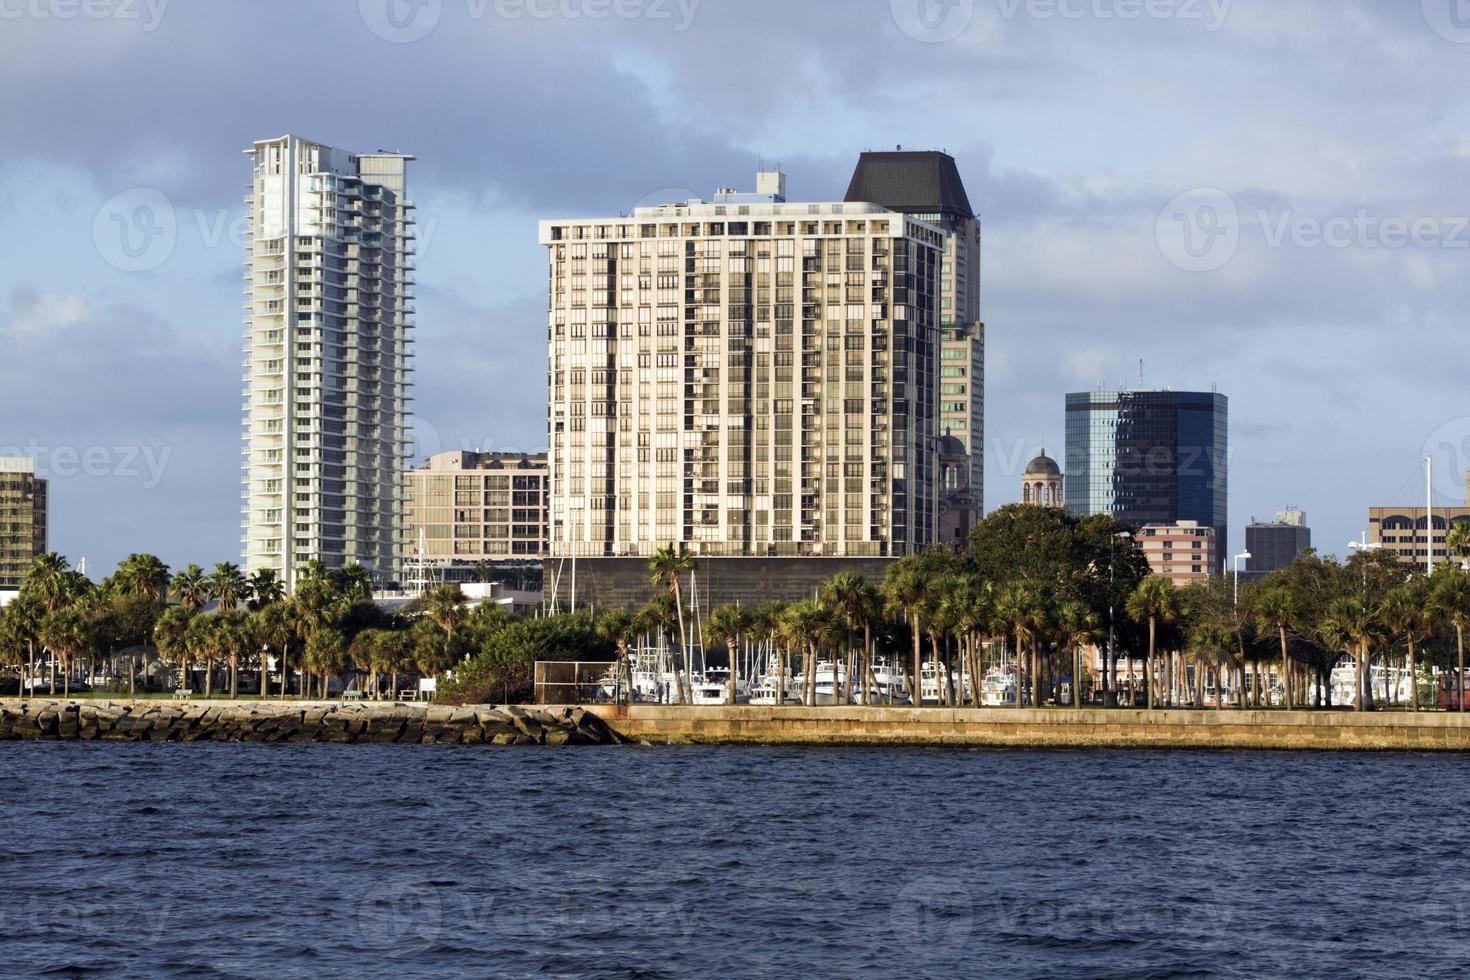 S t. Petersburgo, Florida. foto